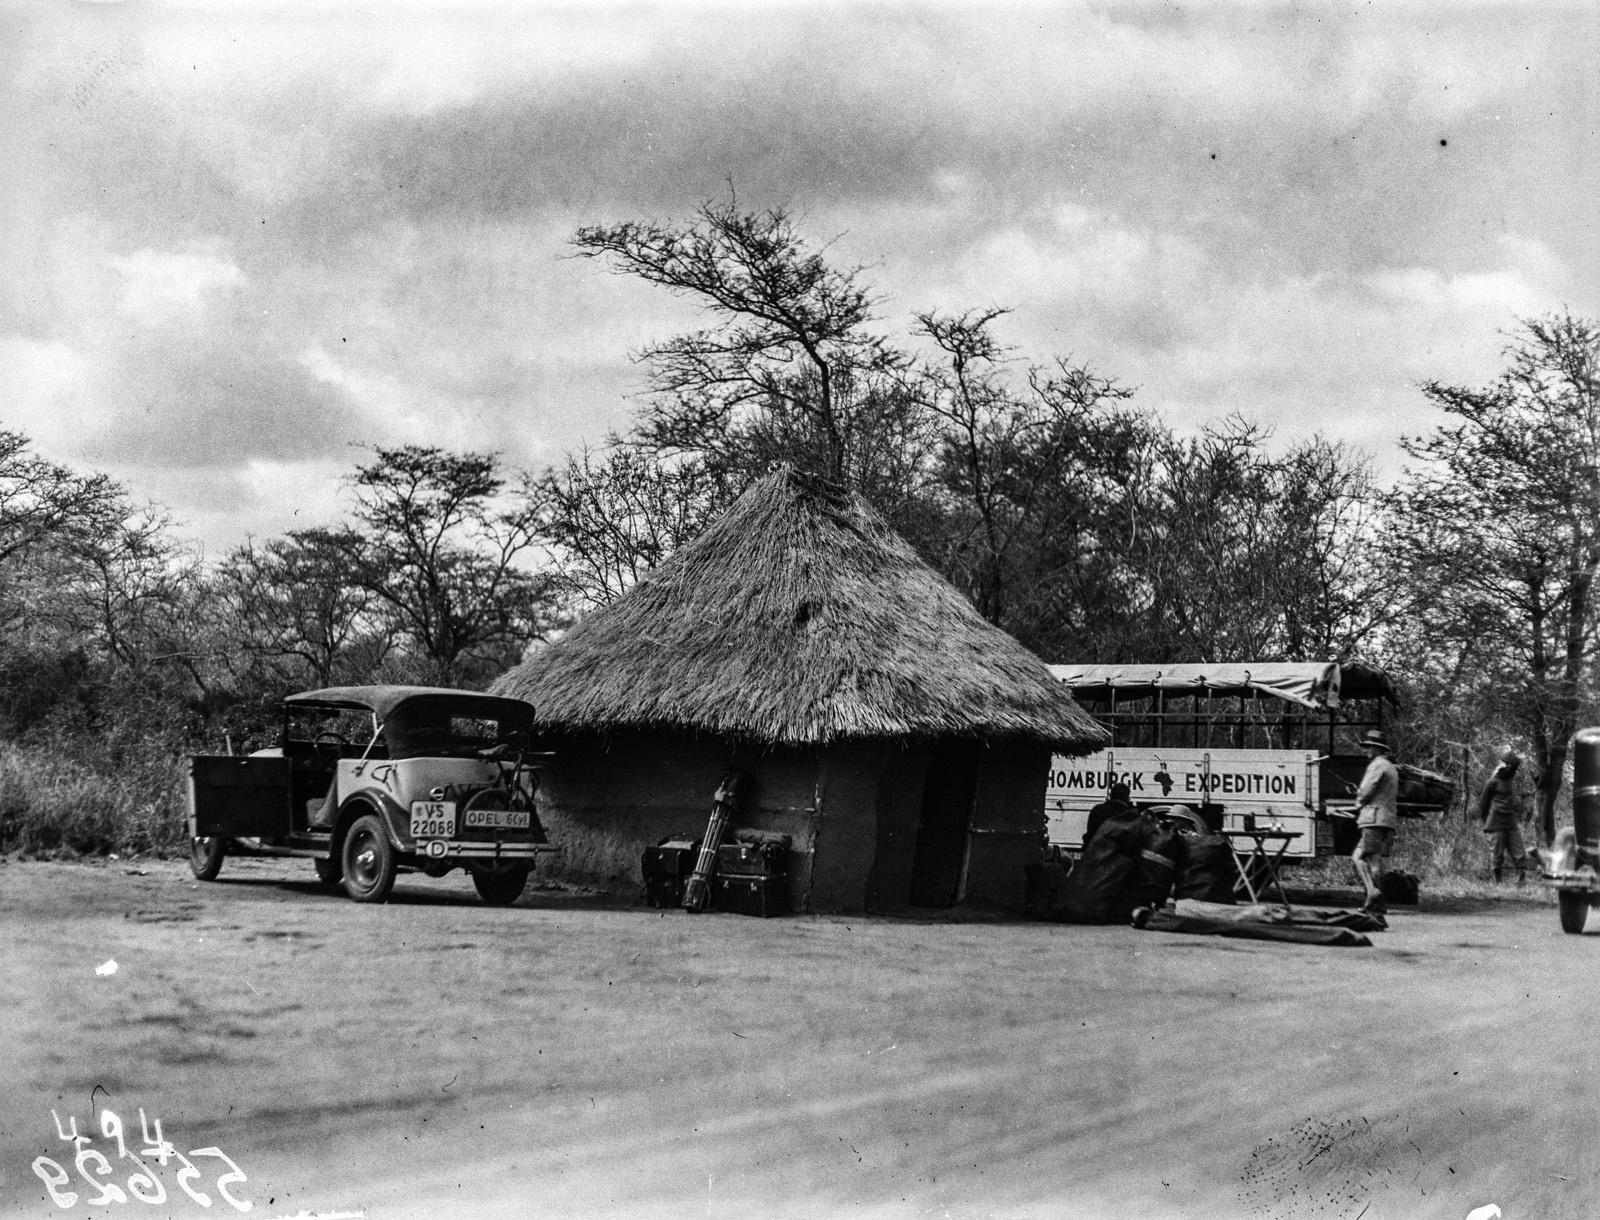 Нижняя Саби. Экспедиция остановилась в маленькой хижине и устроила небольшой лагерь.